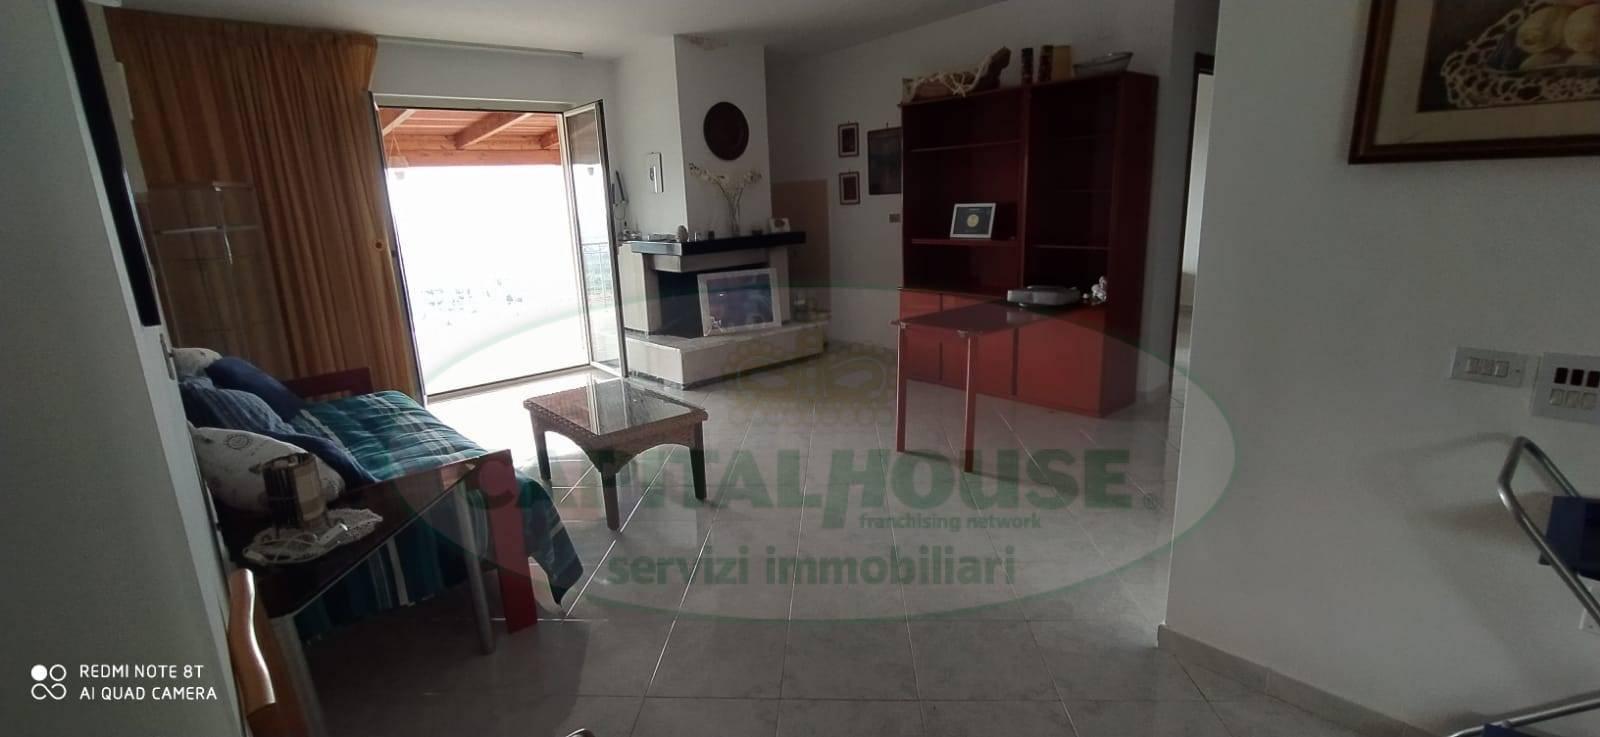 Appartamento in affitto a Mezzano, Caserta (CE)